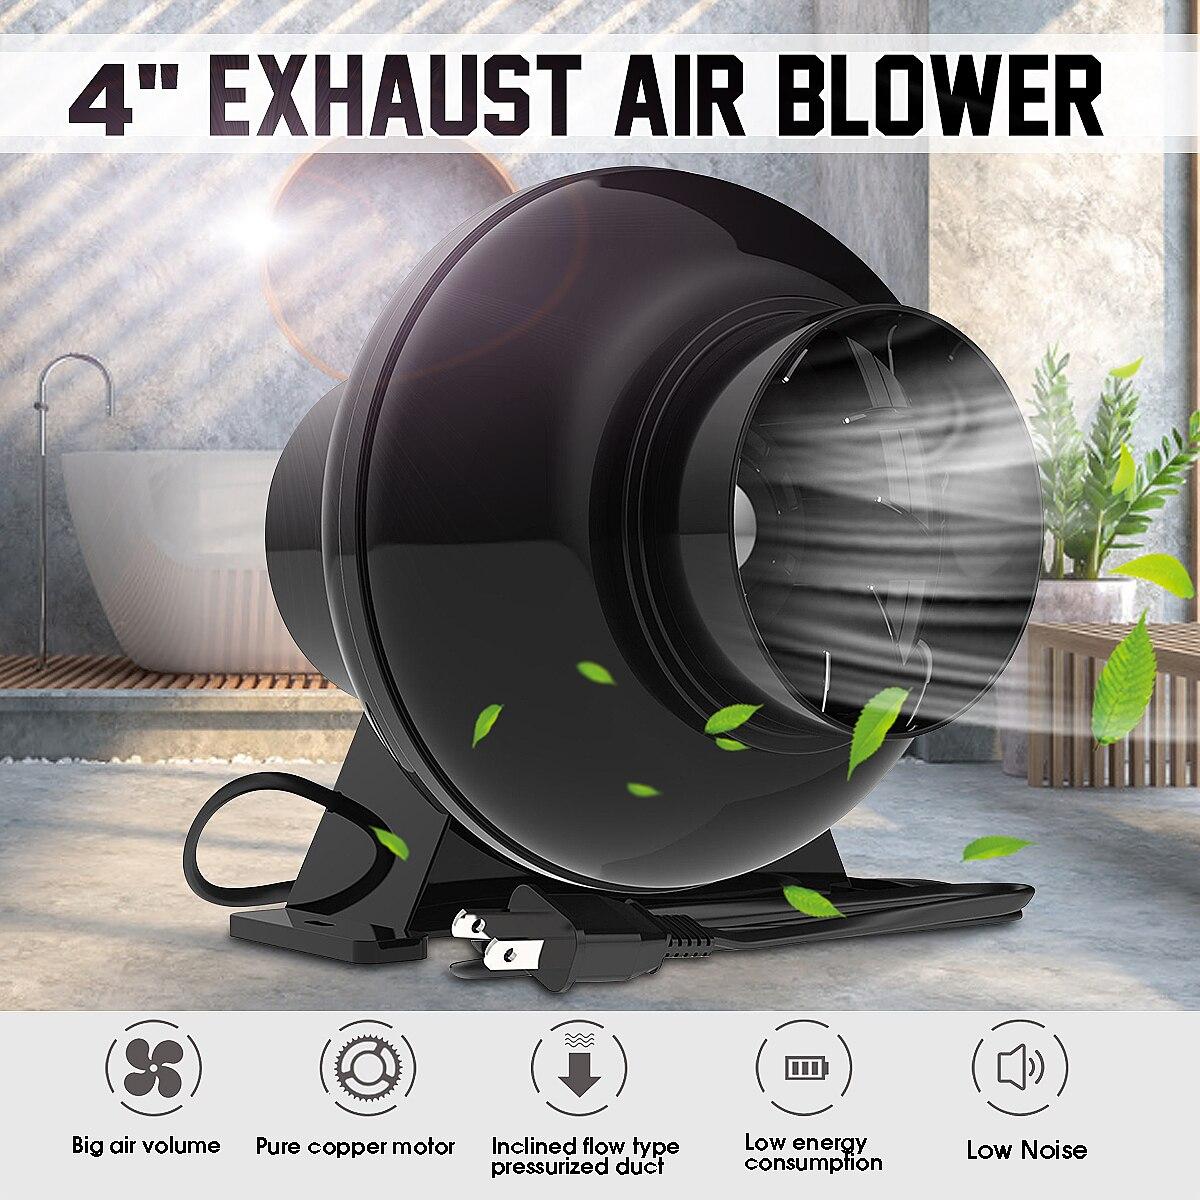 4 pouces ventilateur d'échappement 220V en ligne conduit extracteur Air Booster ventilateur Ventilation évacuation Air ventilateur ventilateur mural ventilateur maison cuisine